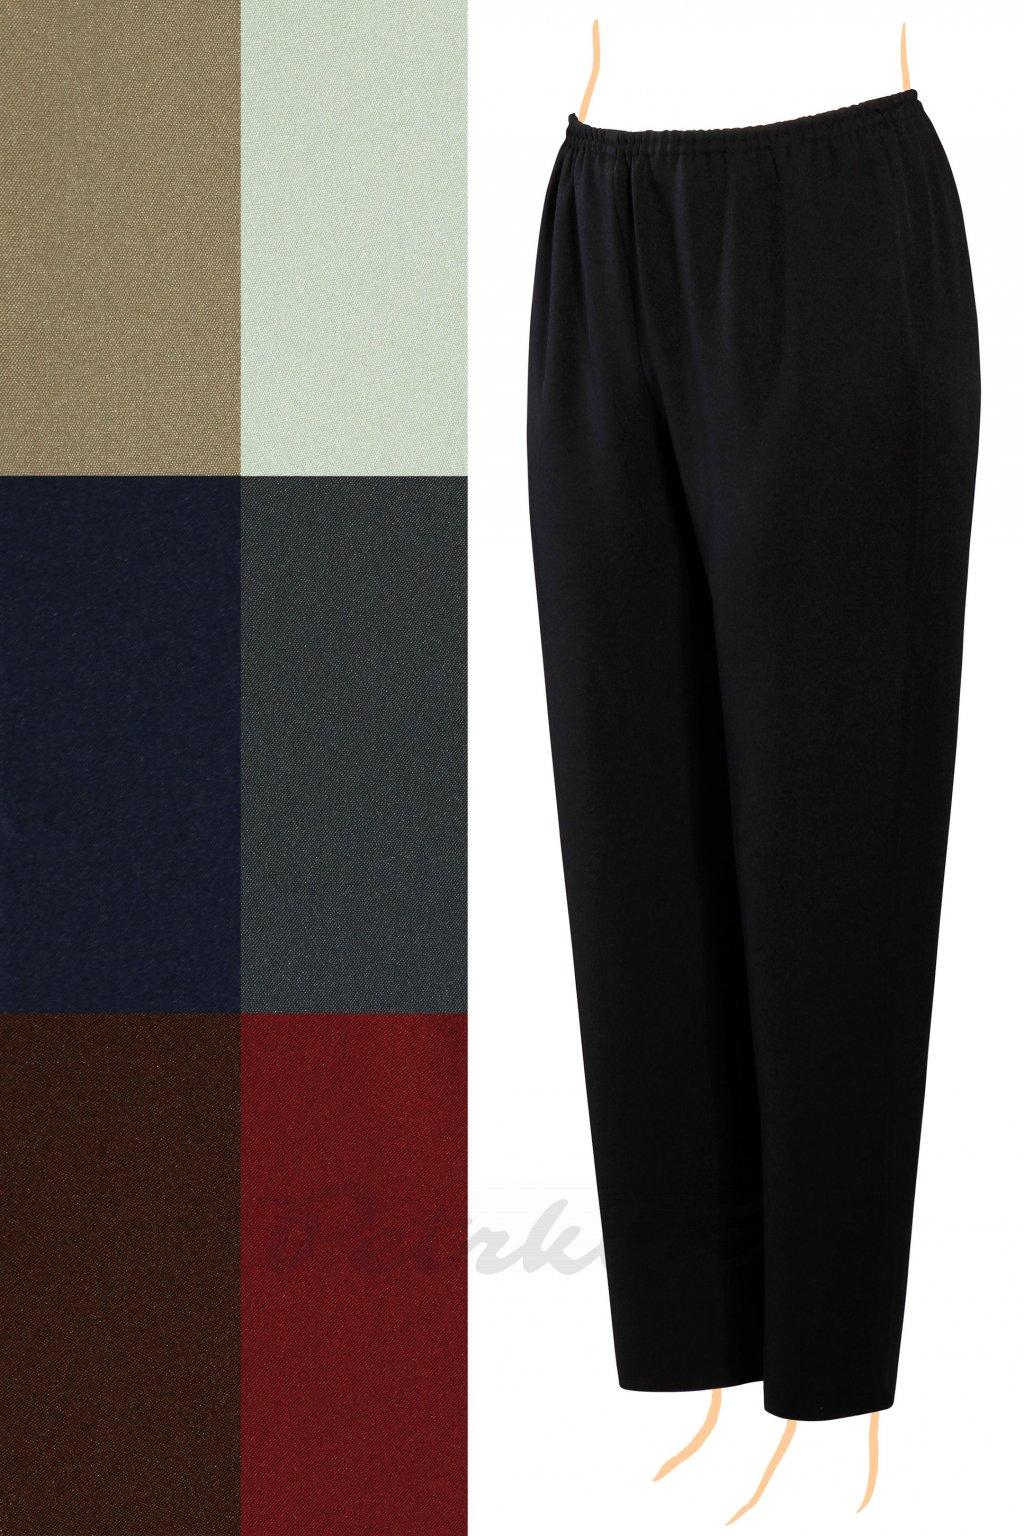 klasicke kalhoty velke velikosti ceska vyroba